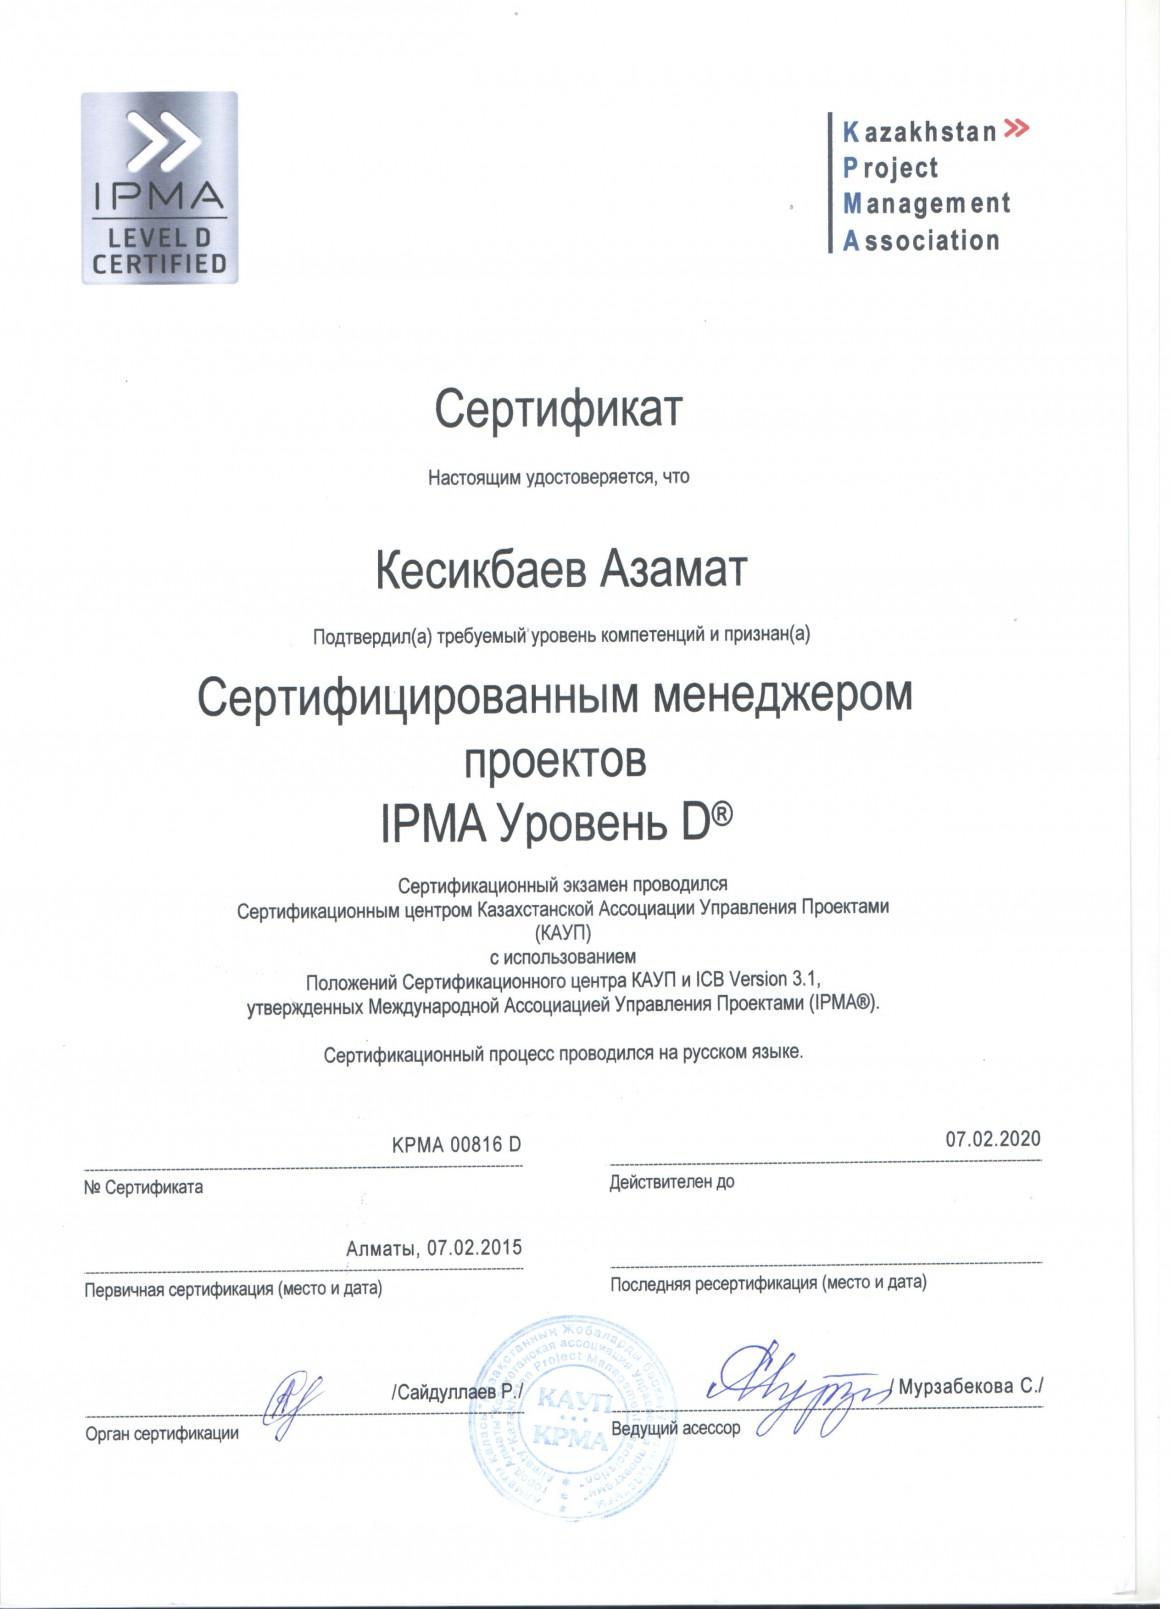 Кесикбаев А. 1